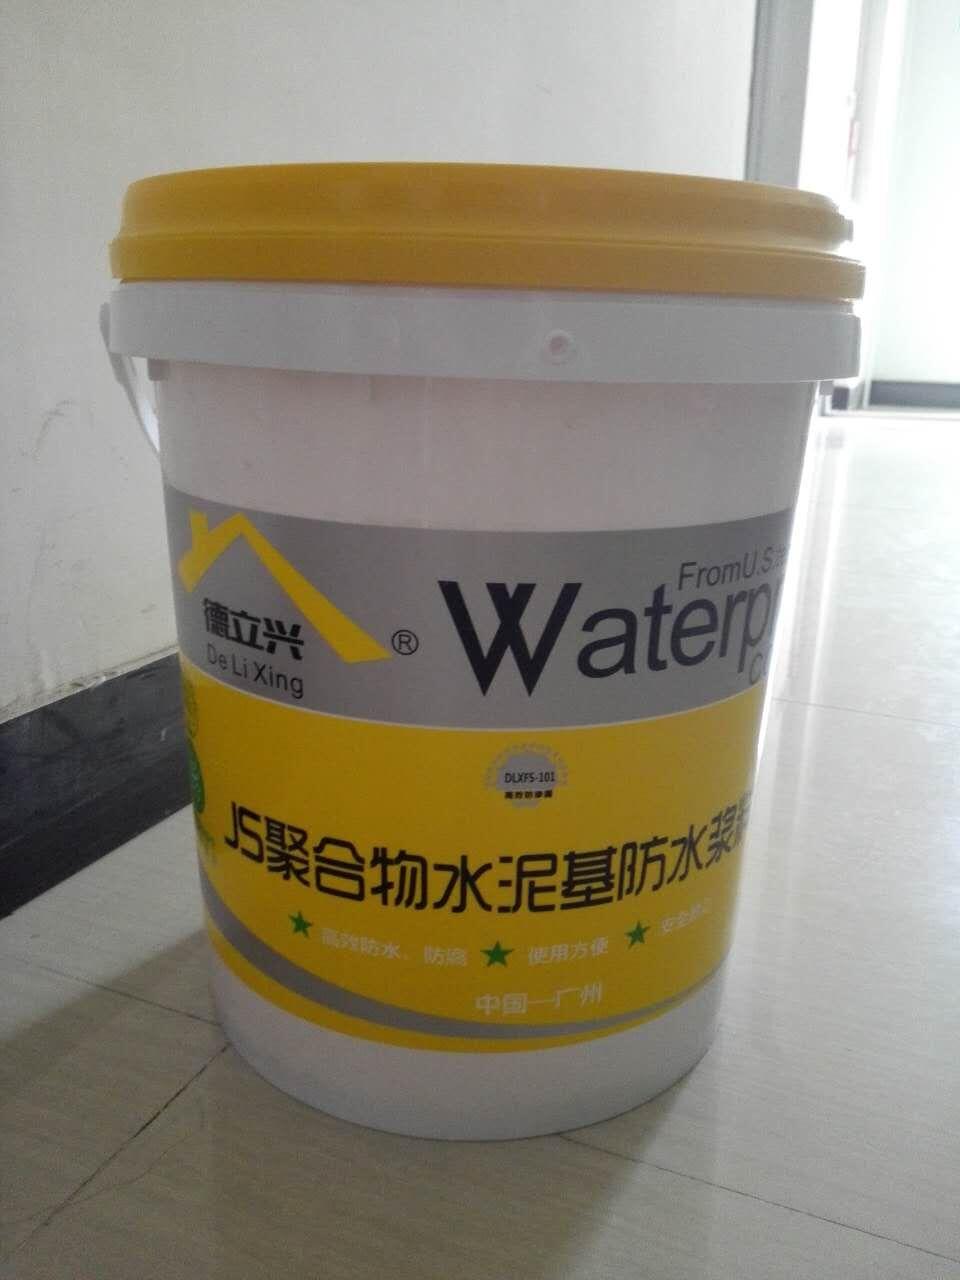 德立兴JS聚合物水泥基防水涂料中国名牌